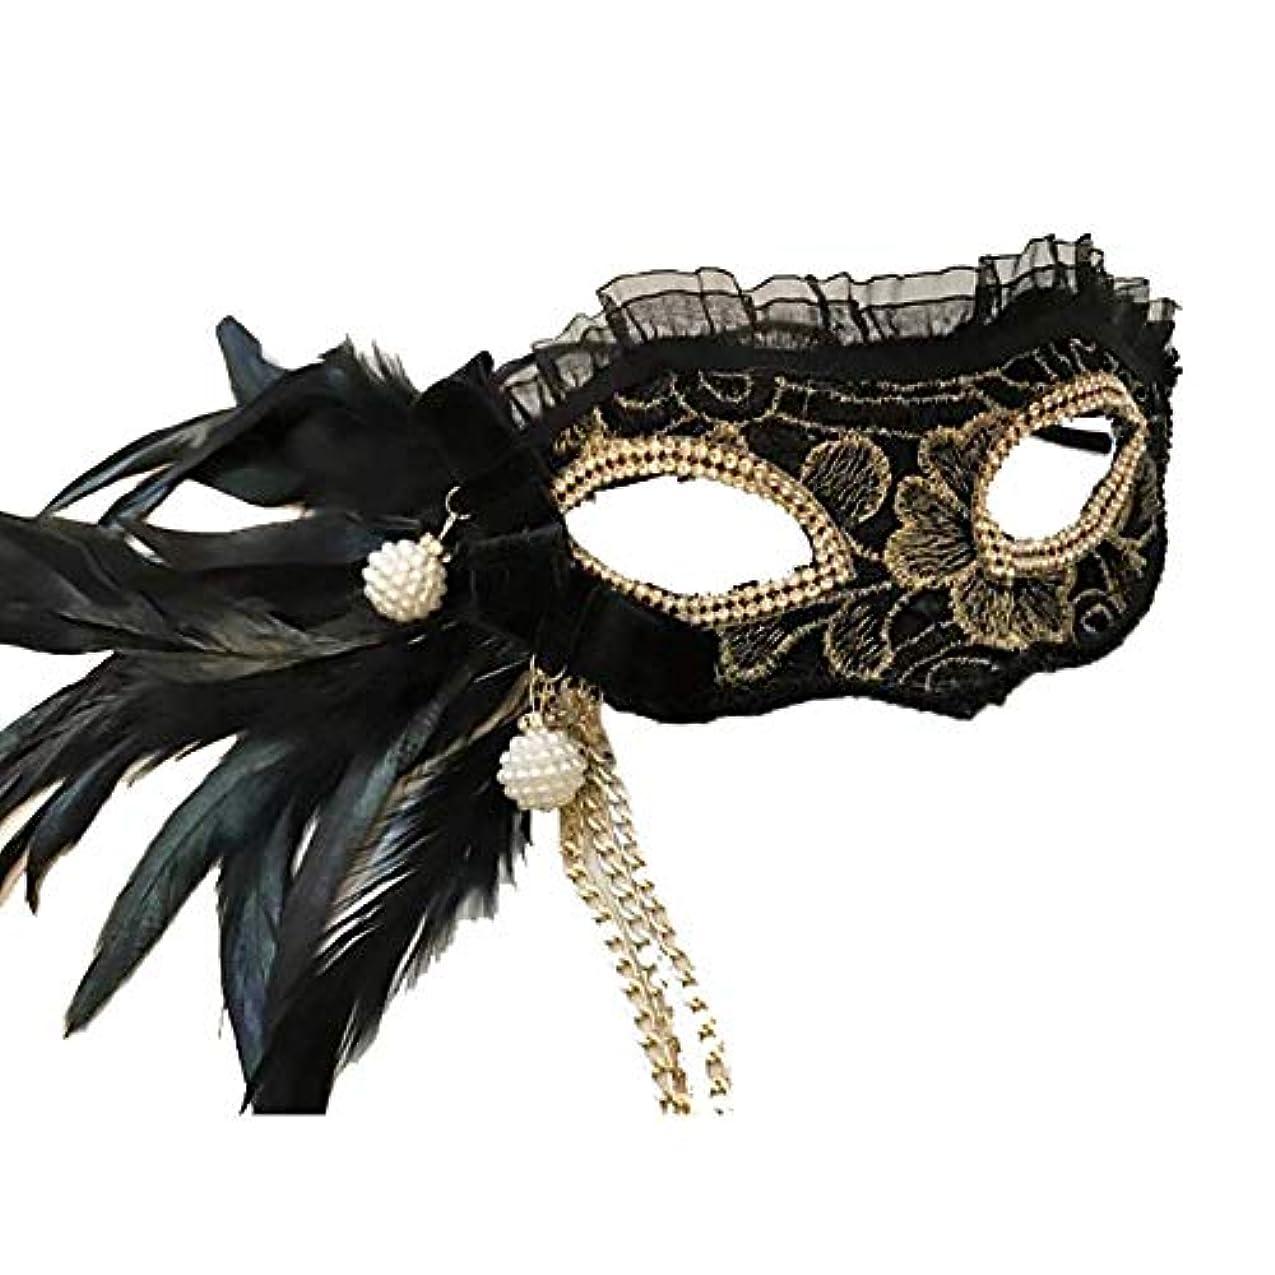 配当弾性程度Nanle ハロウィンクリスマスフェザー刺繍フリンジフラワービーズマスク仮装マスクレディミスプリンセス美容祭パーティーデコレーションマスク (色 : Style A)